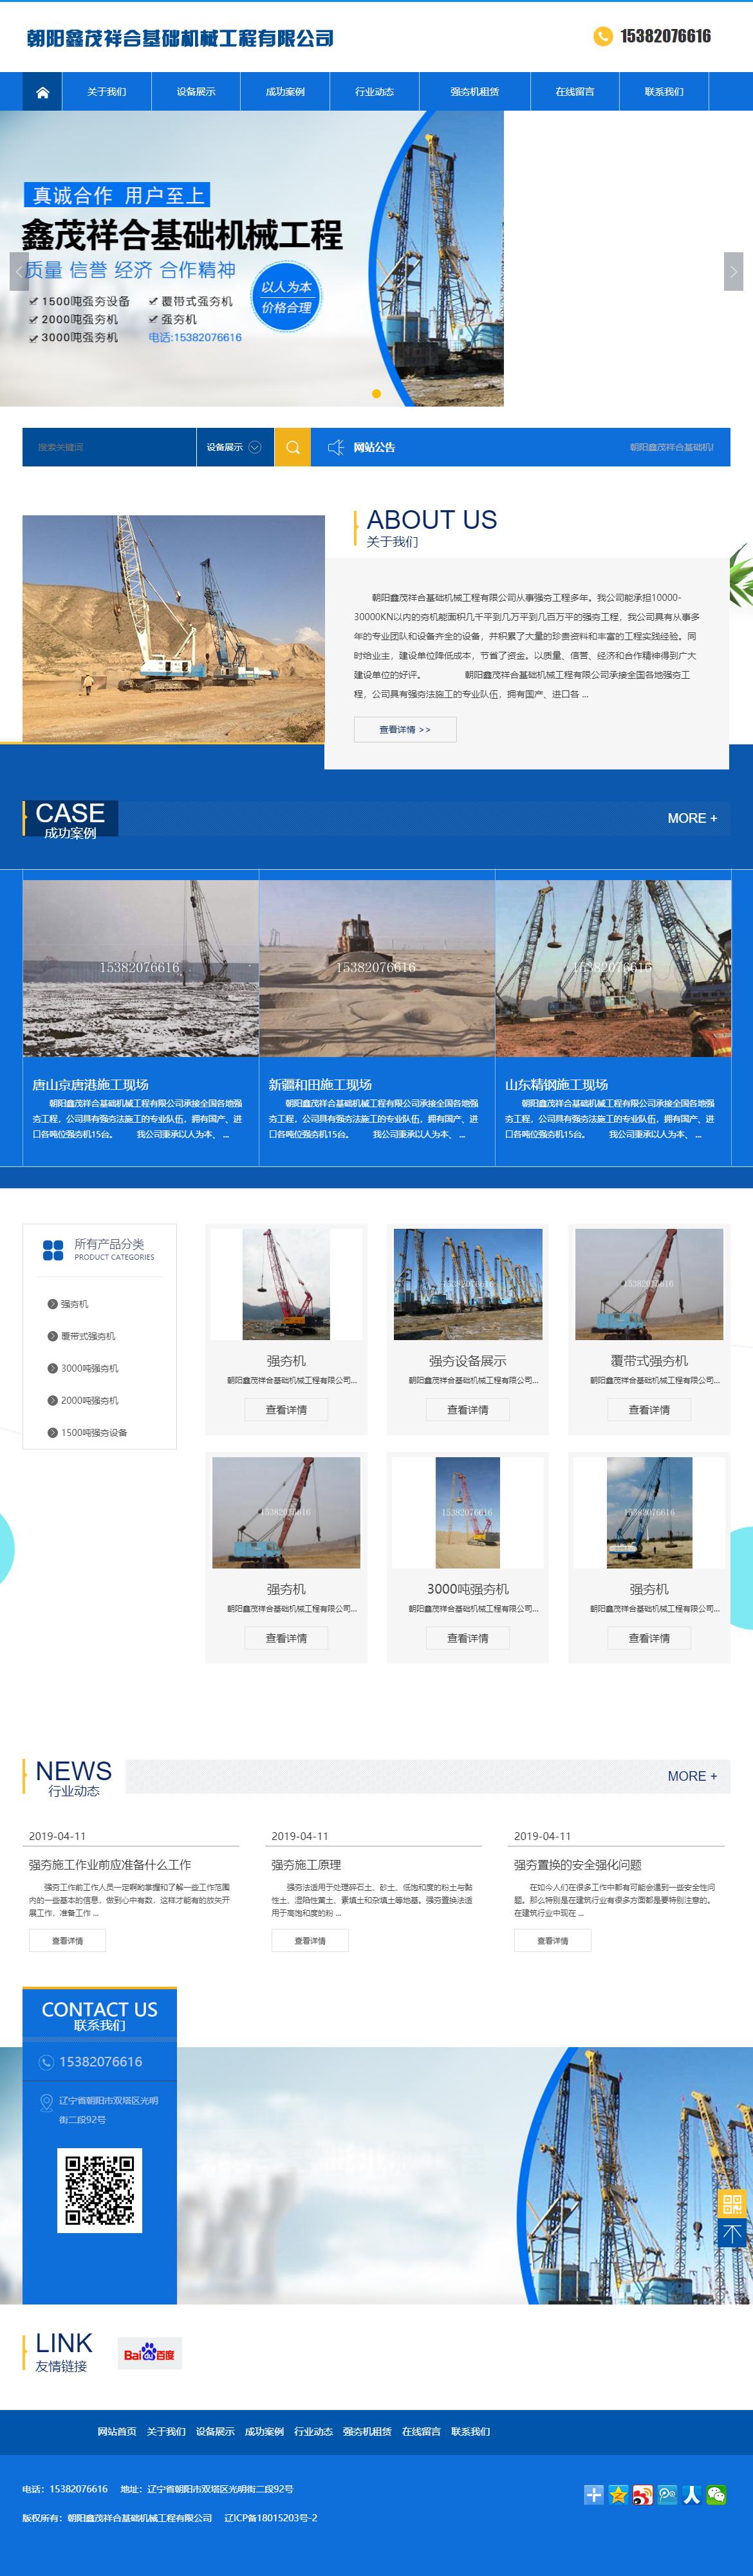 朝阳鑫茂祥合基础机械工程有限公司网站案例